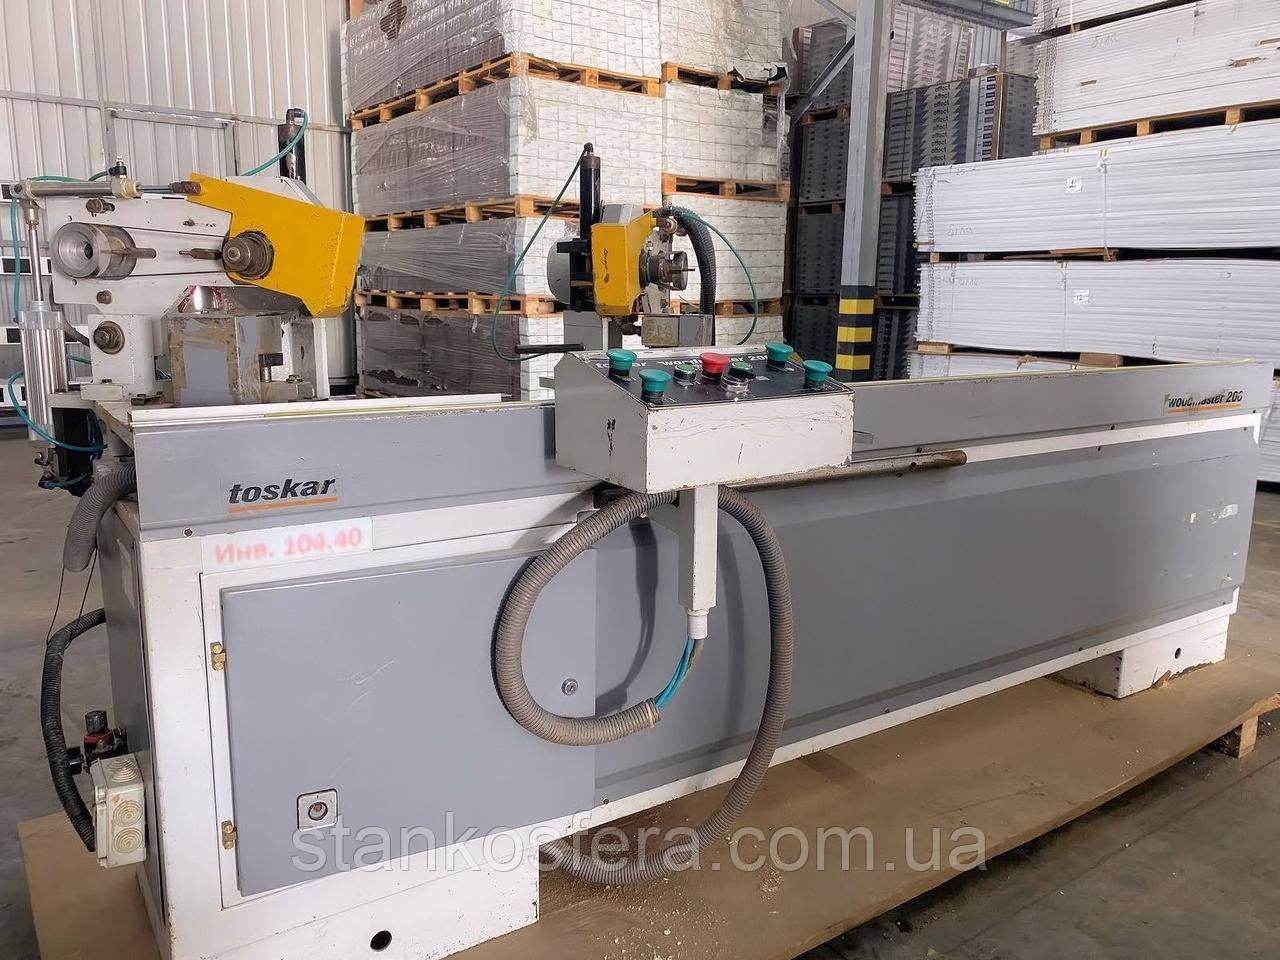 Усозарезной станок бу Woodmaster 200 для пиления и пазования профиля МДФ